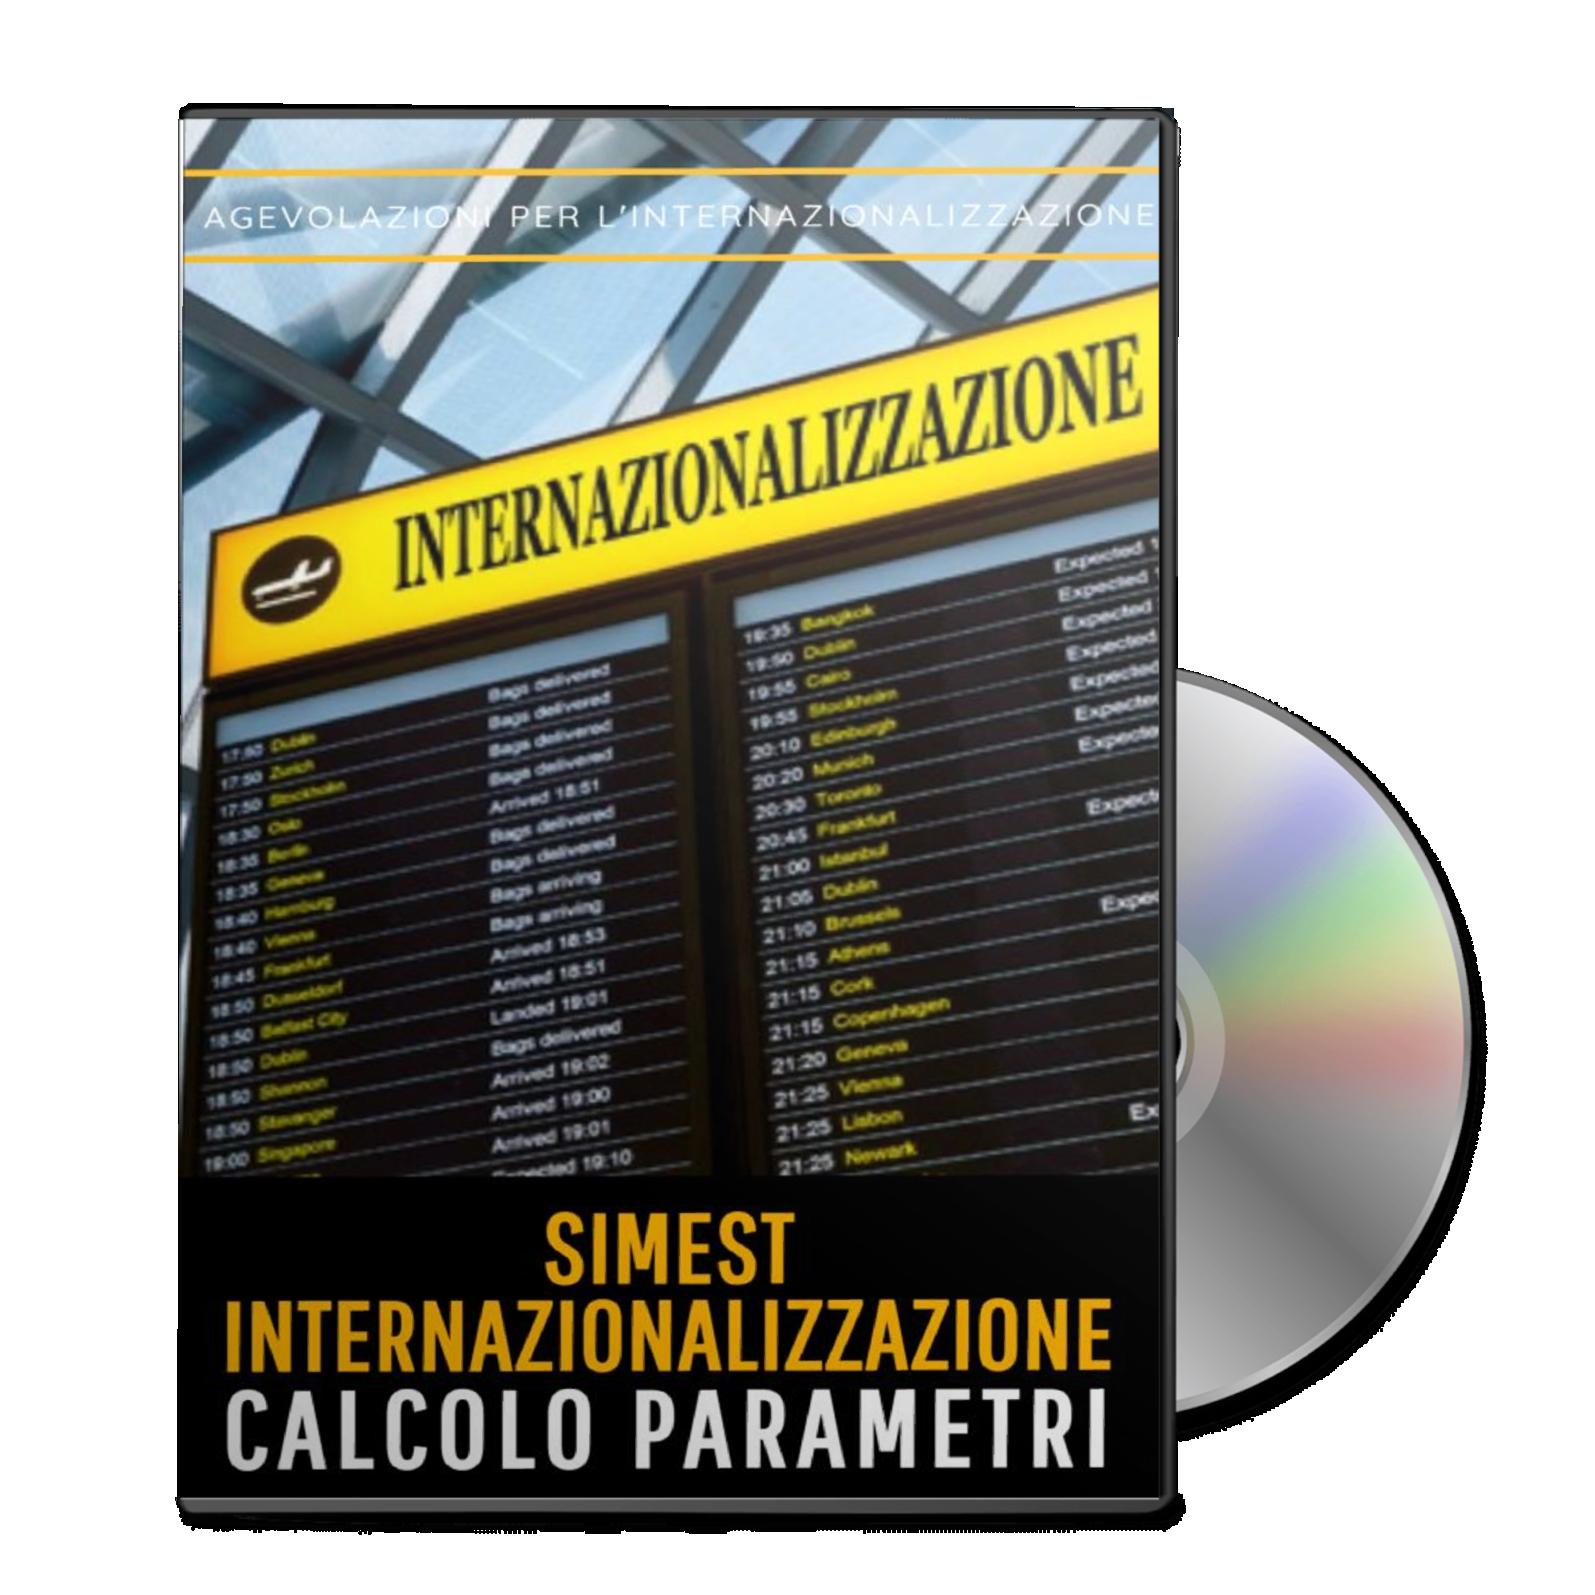 simest internazionalizzazione calcoli